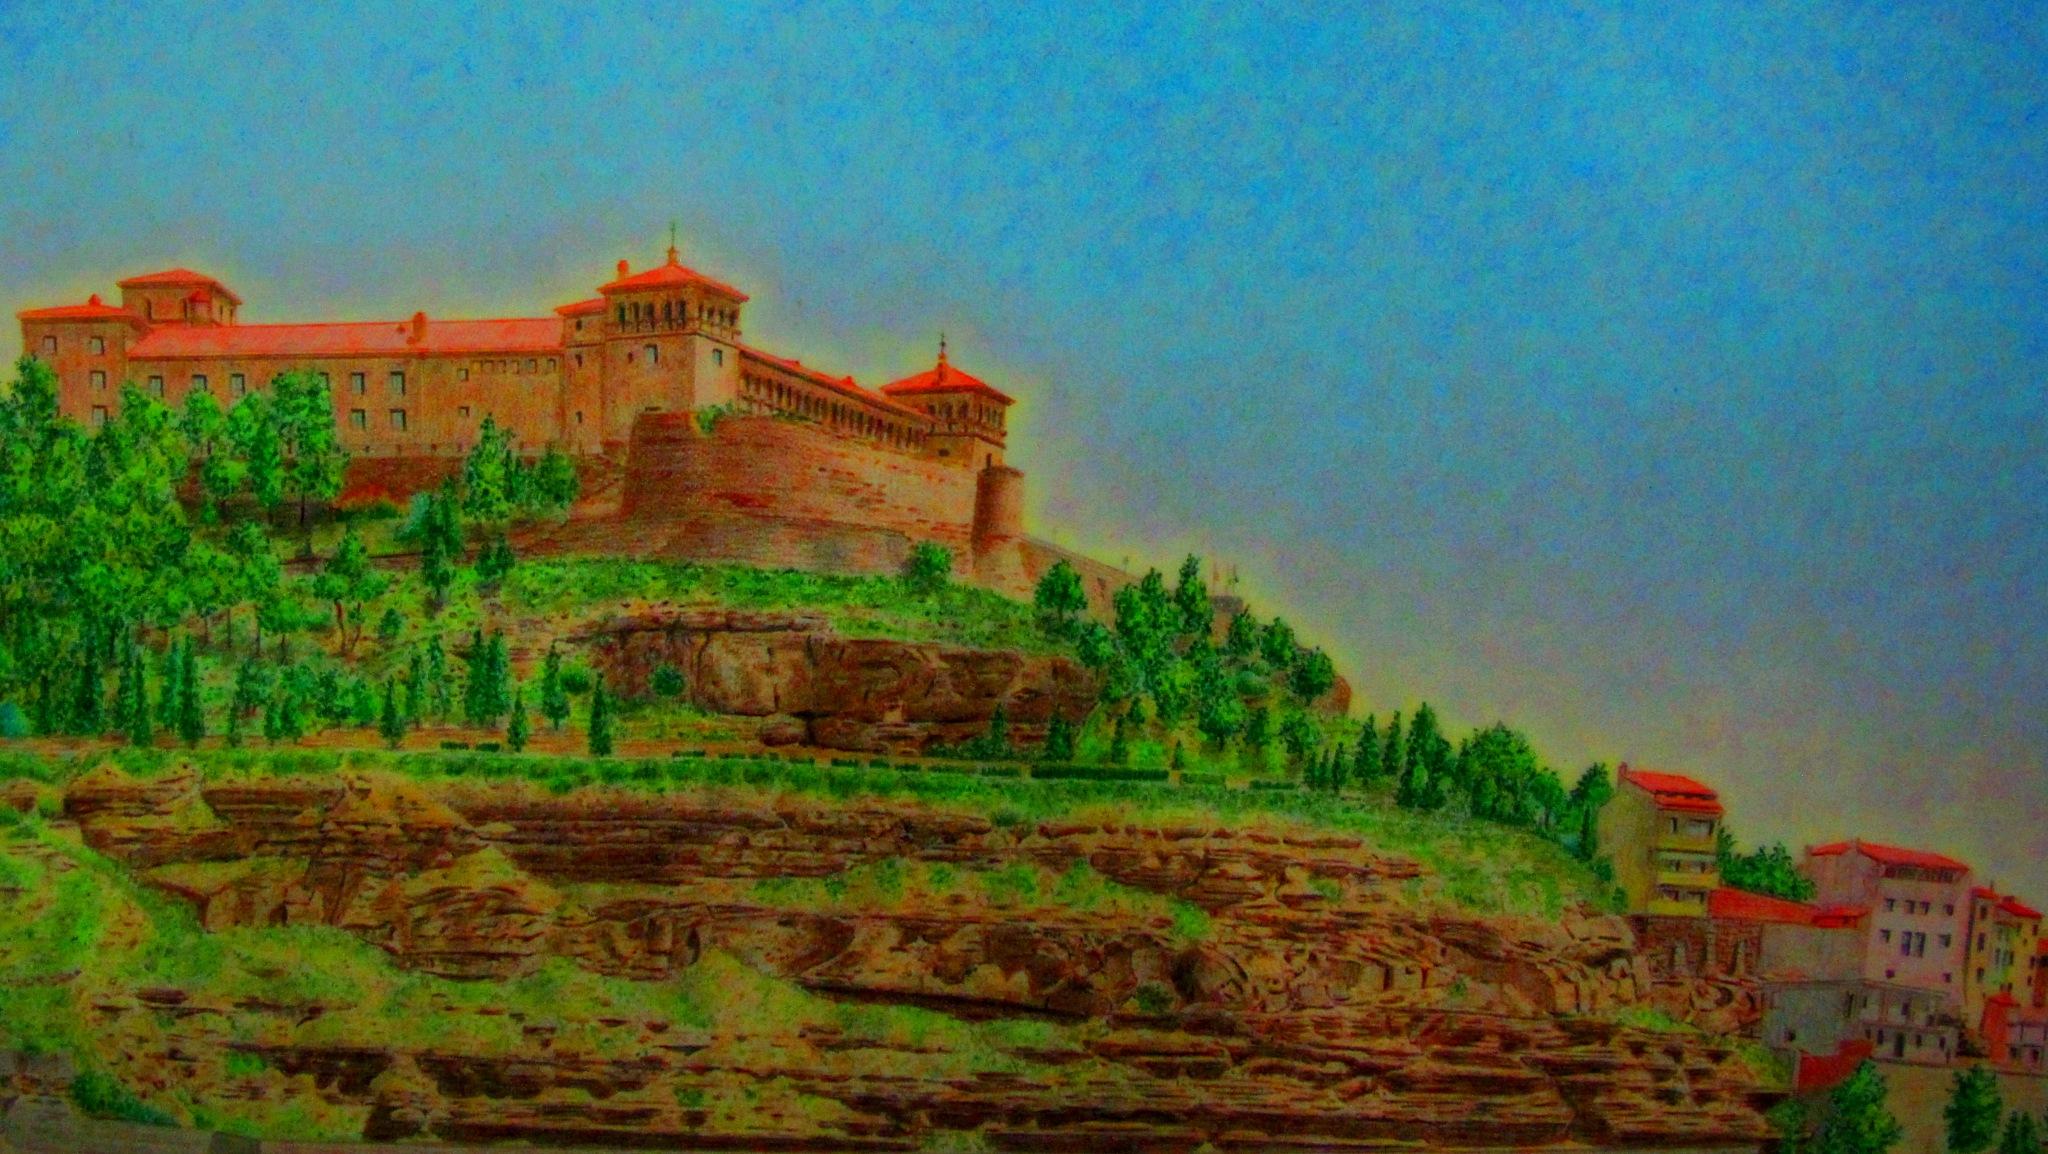 castillo de alcañiz ,lapices de colores por  fernando querol by angelgarcia